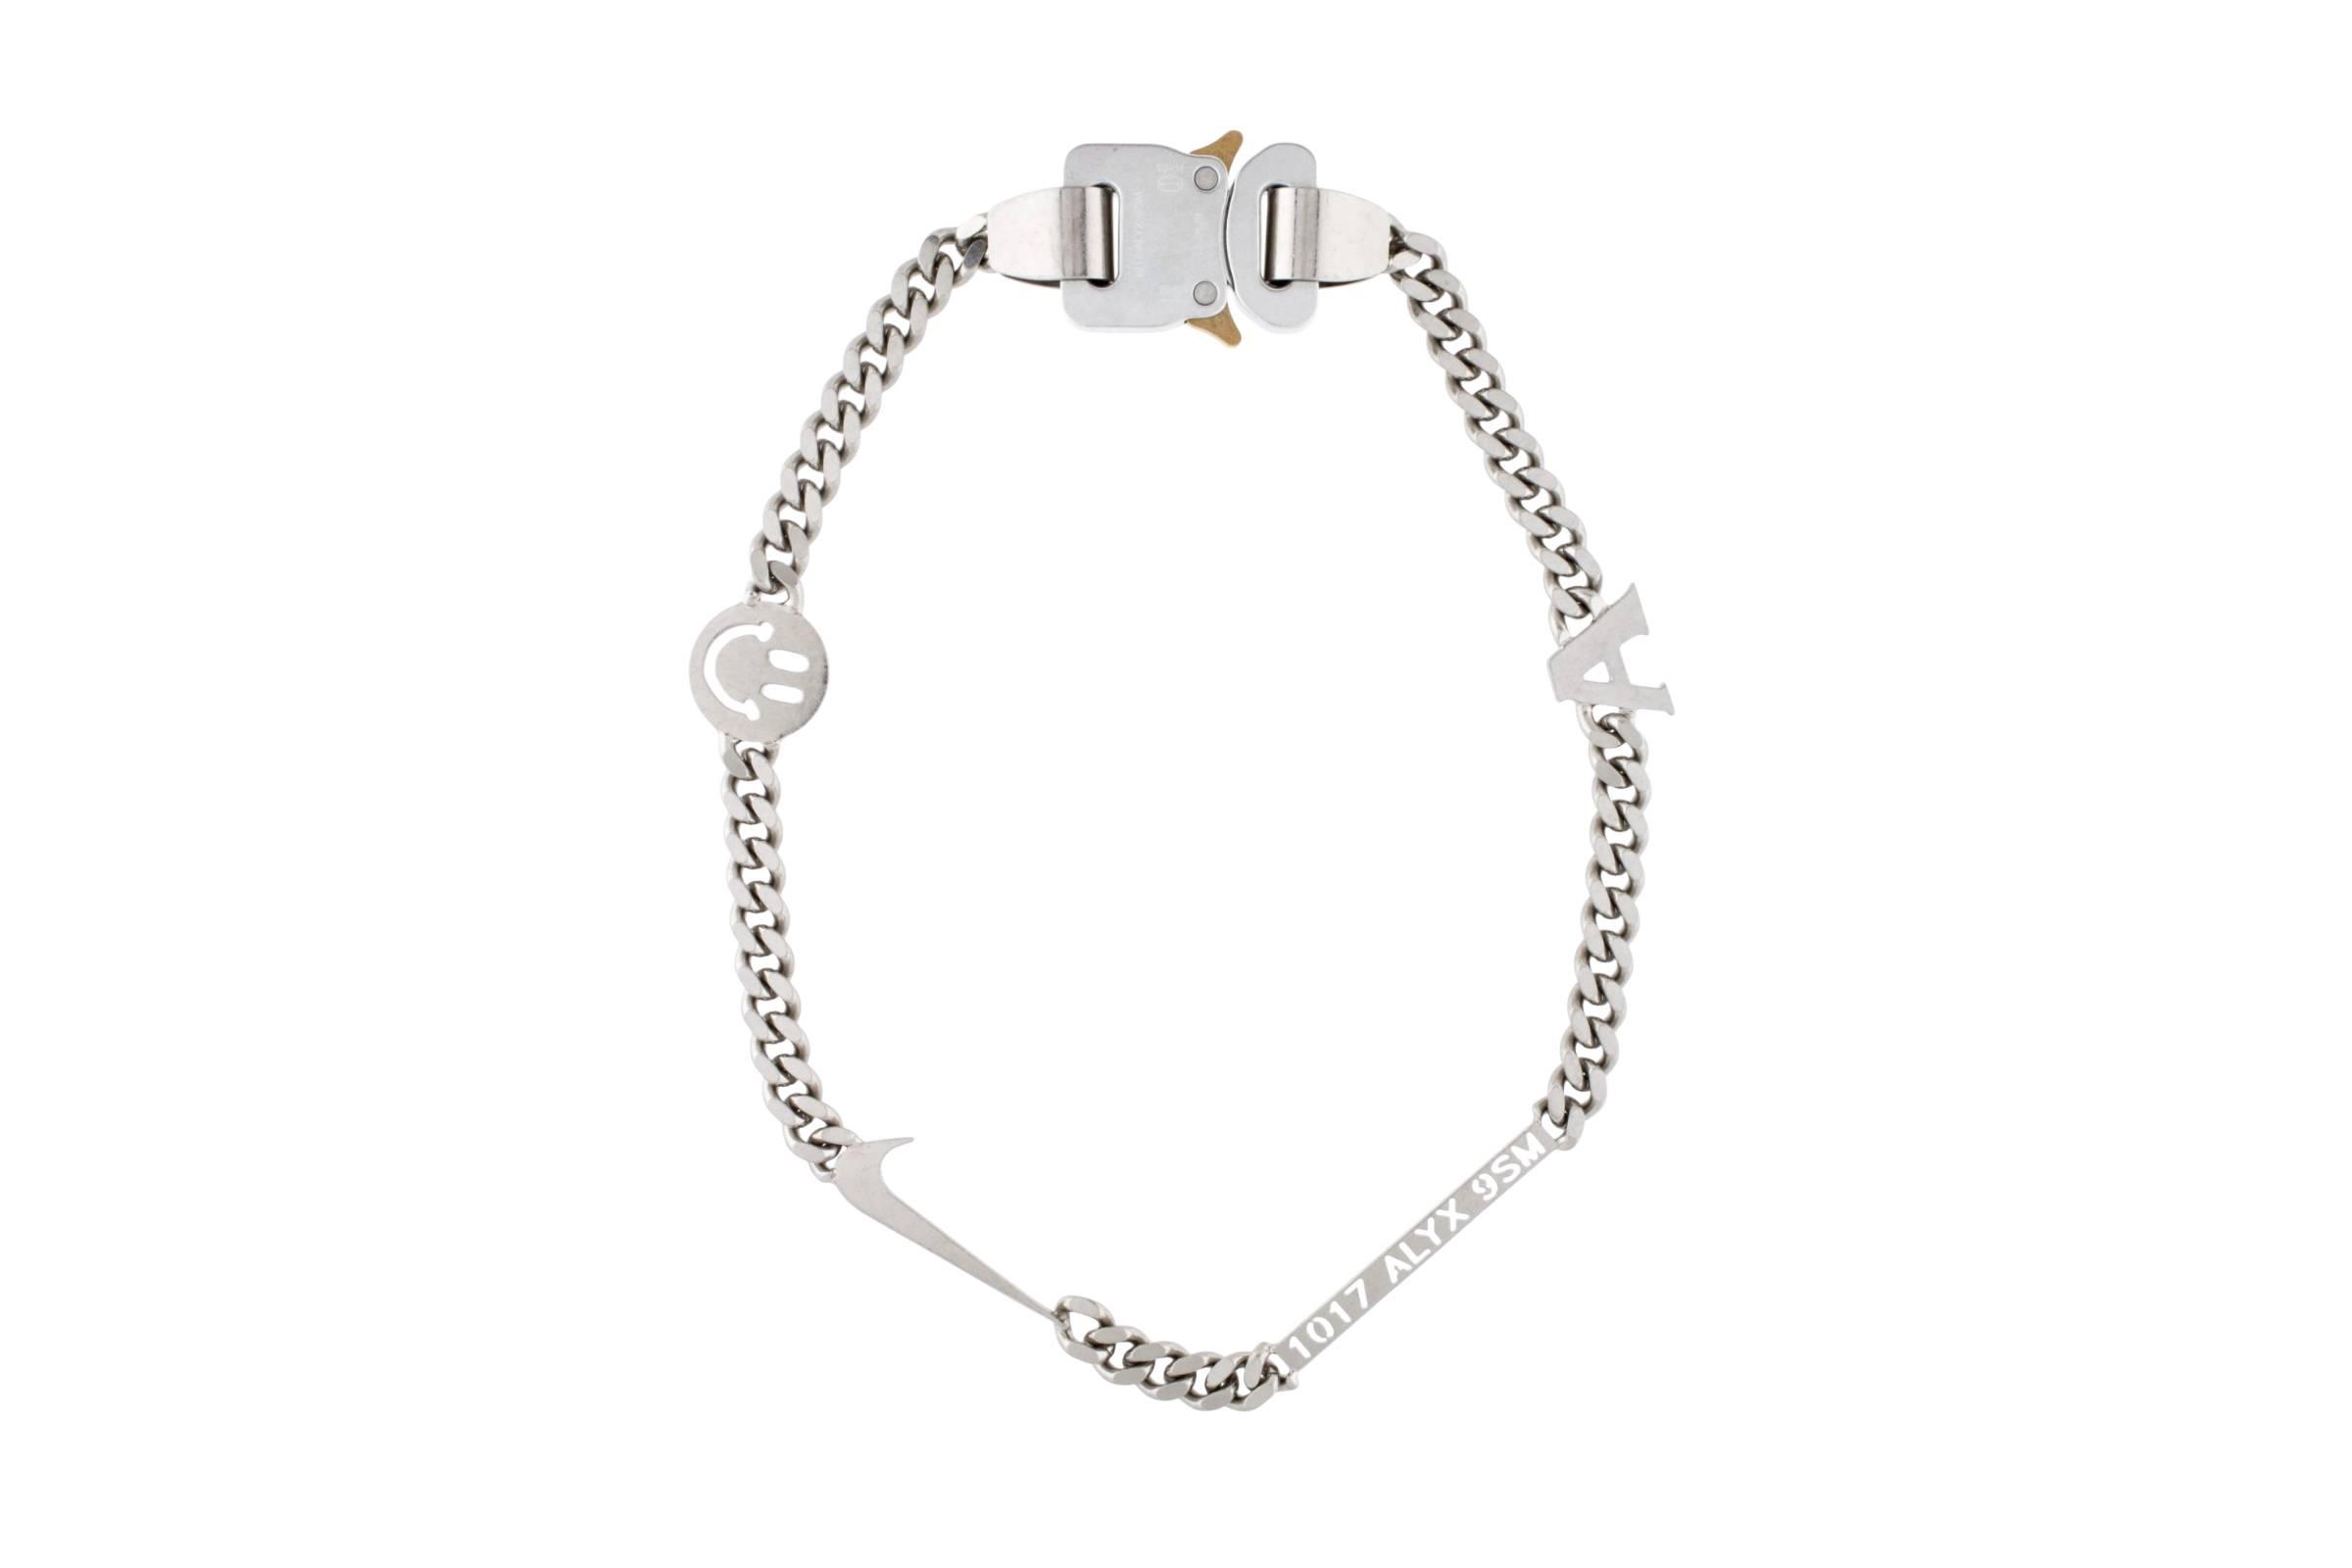 Alyx Hero Chain